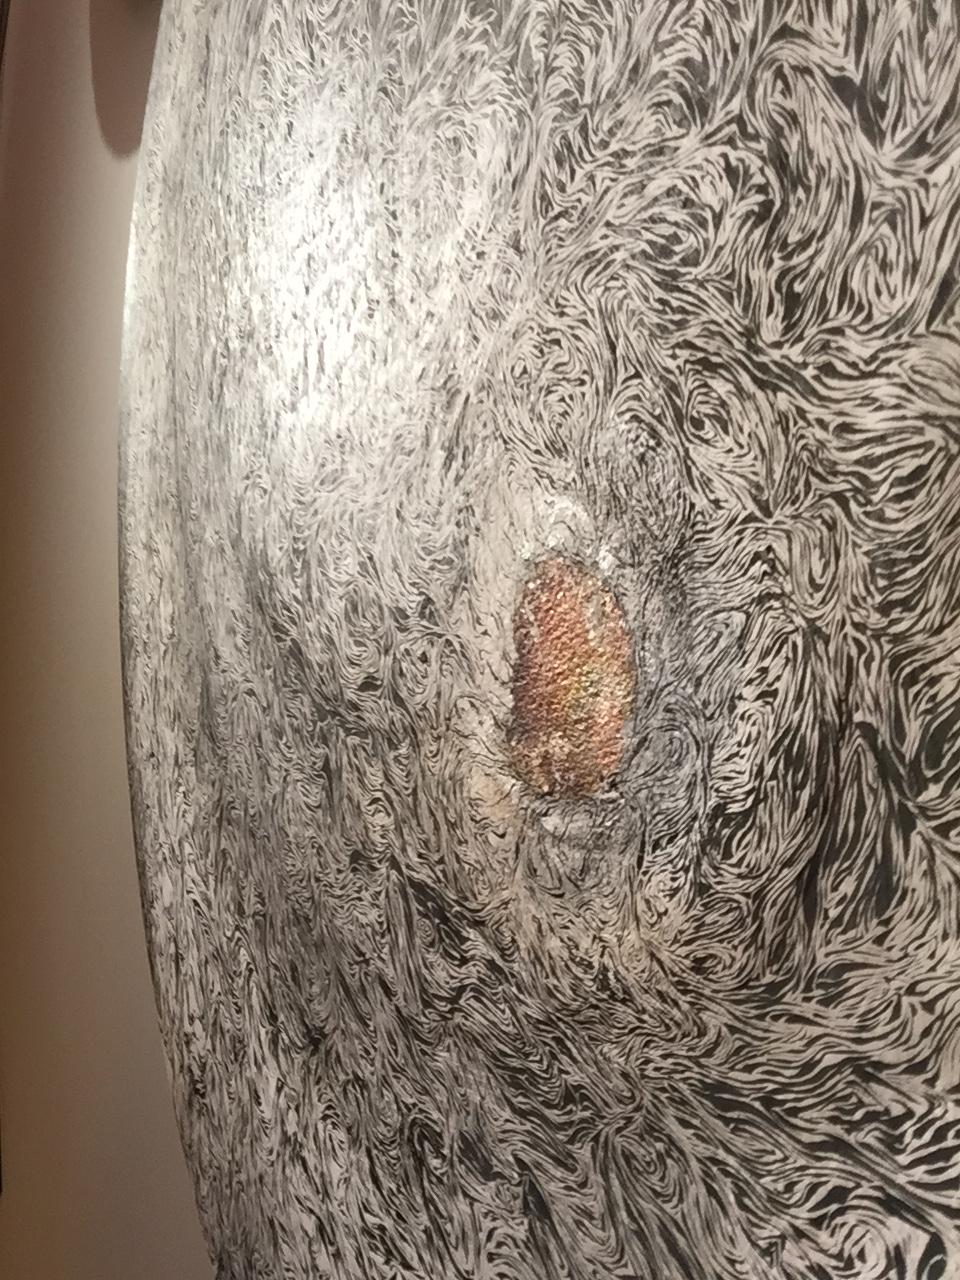 nathalie bergiers artworks 2014 @ hugo neumann brussels 6